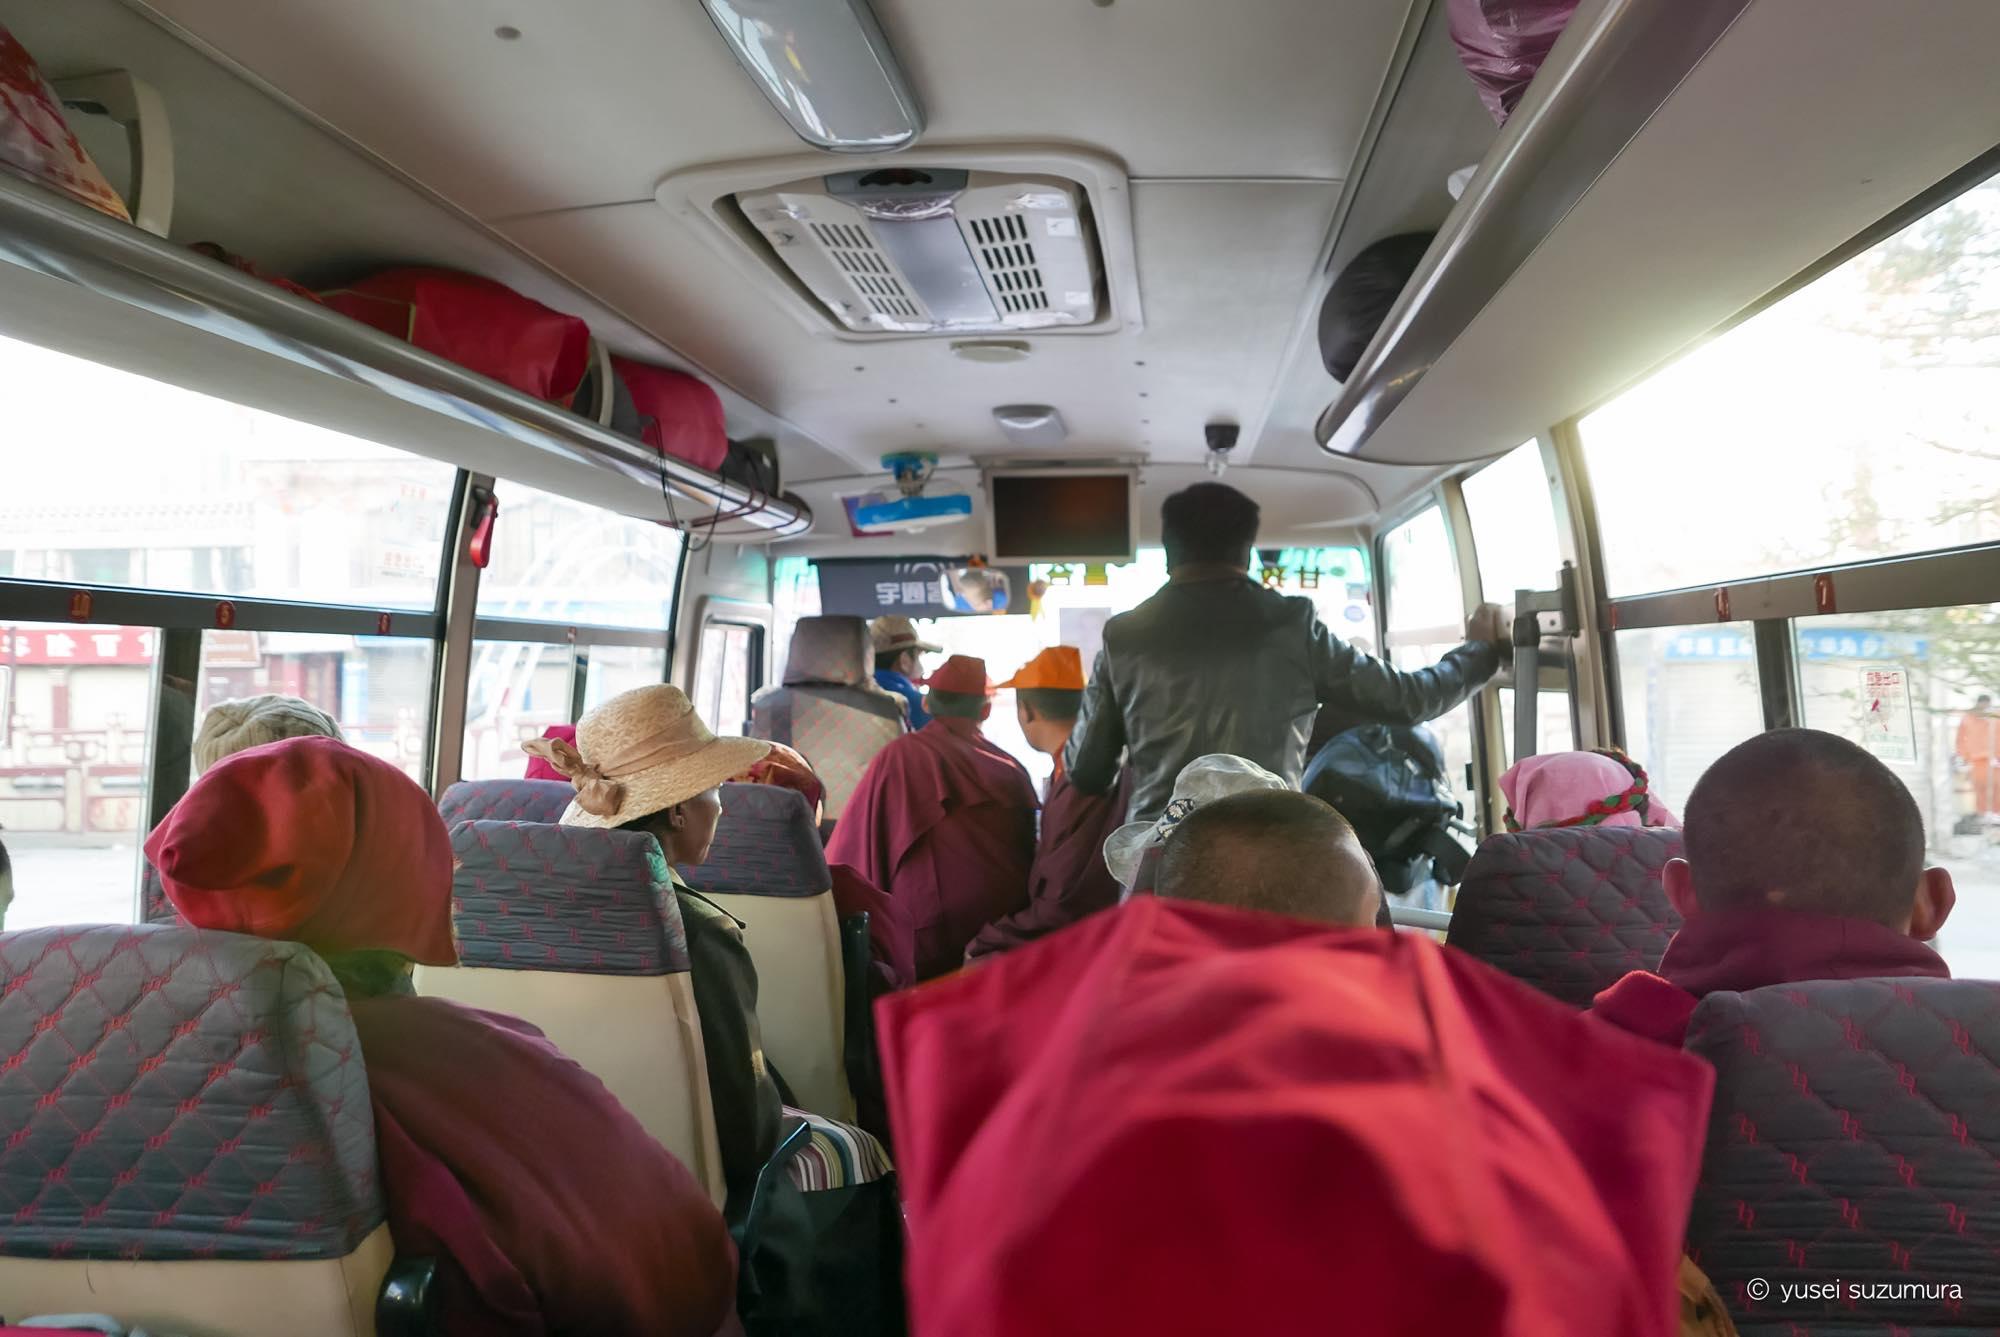 アチェンガルゴンパ行きのバス 車内 尼